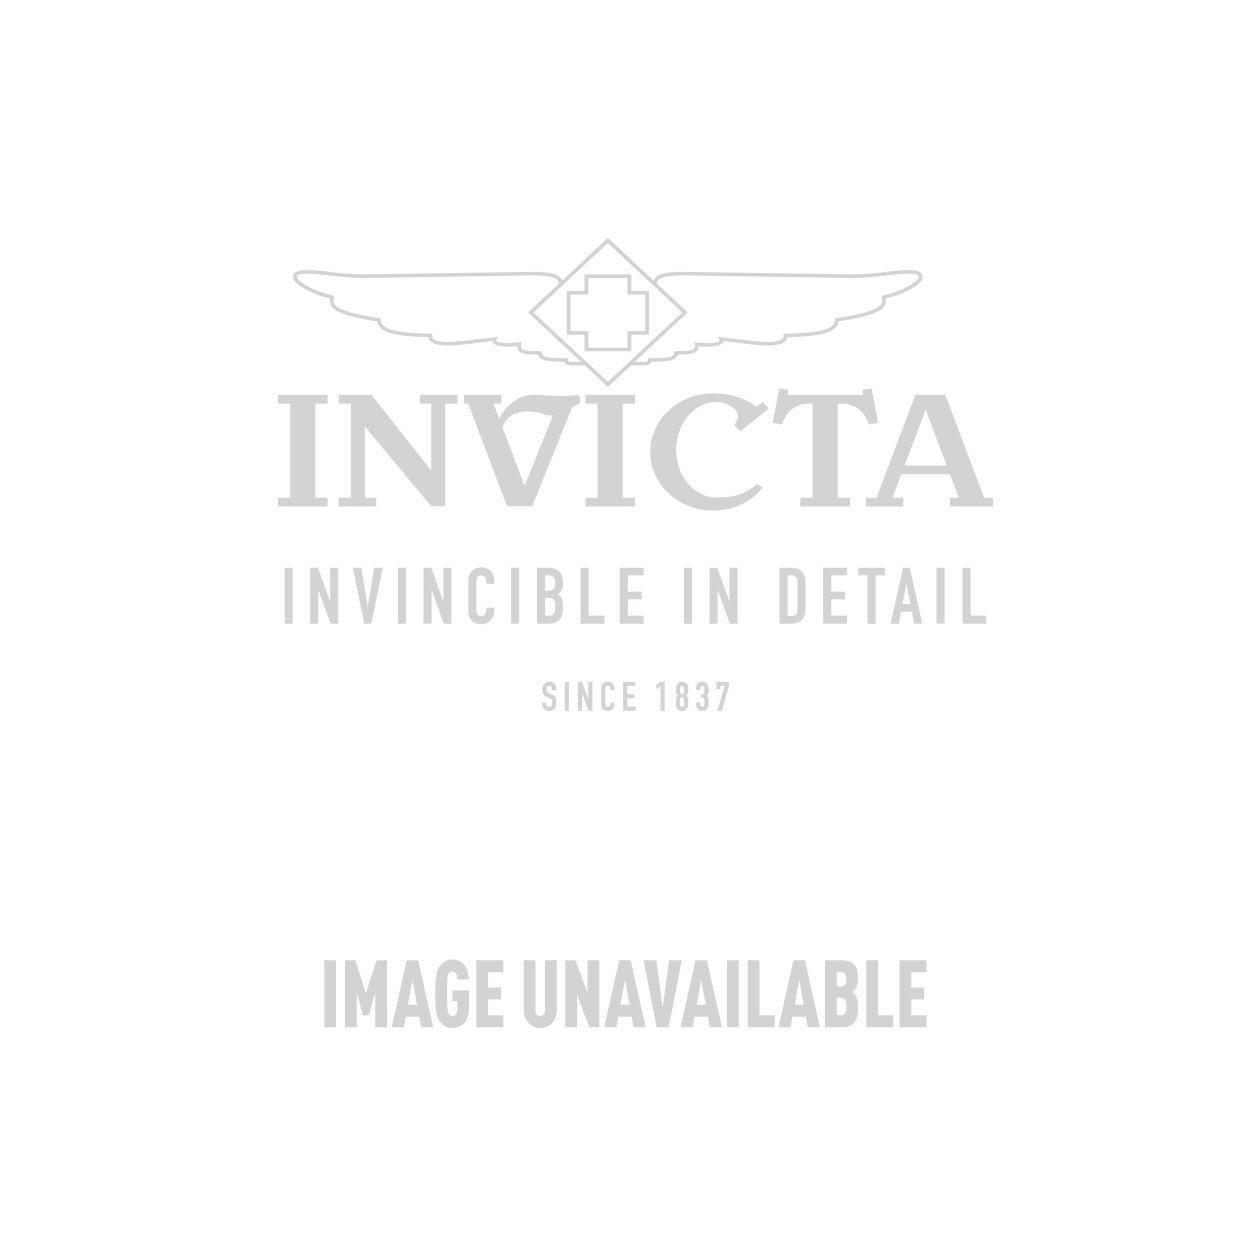 Invicta Model 24564